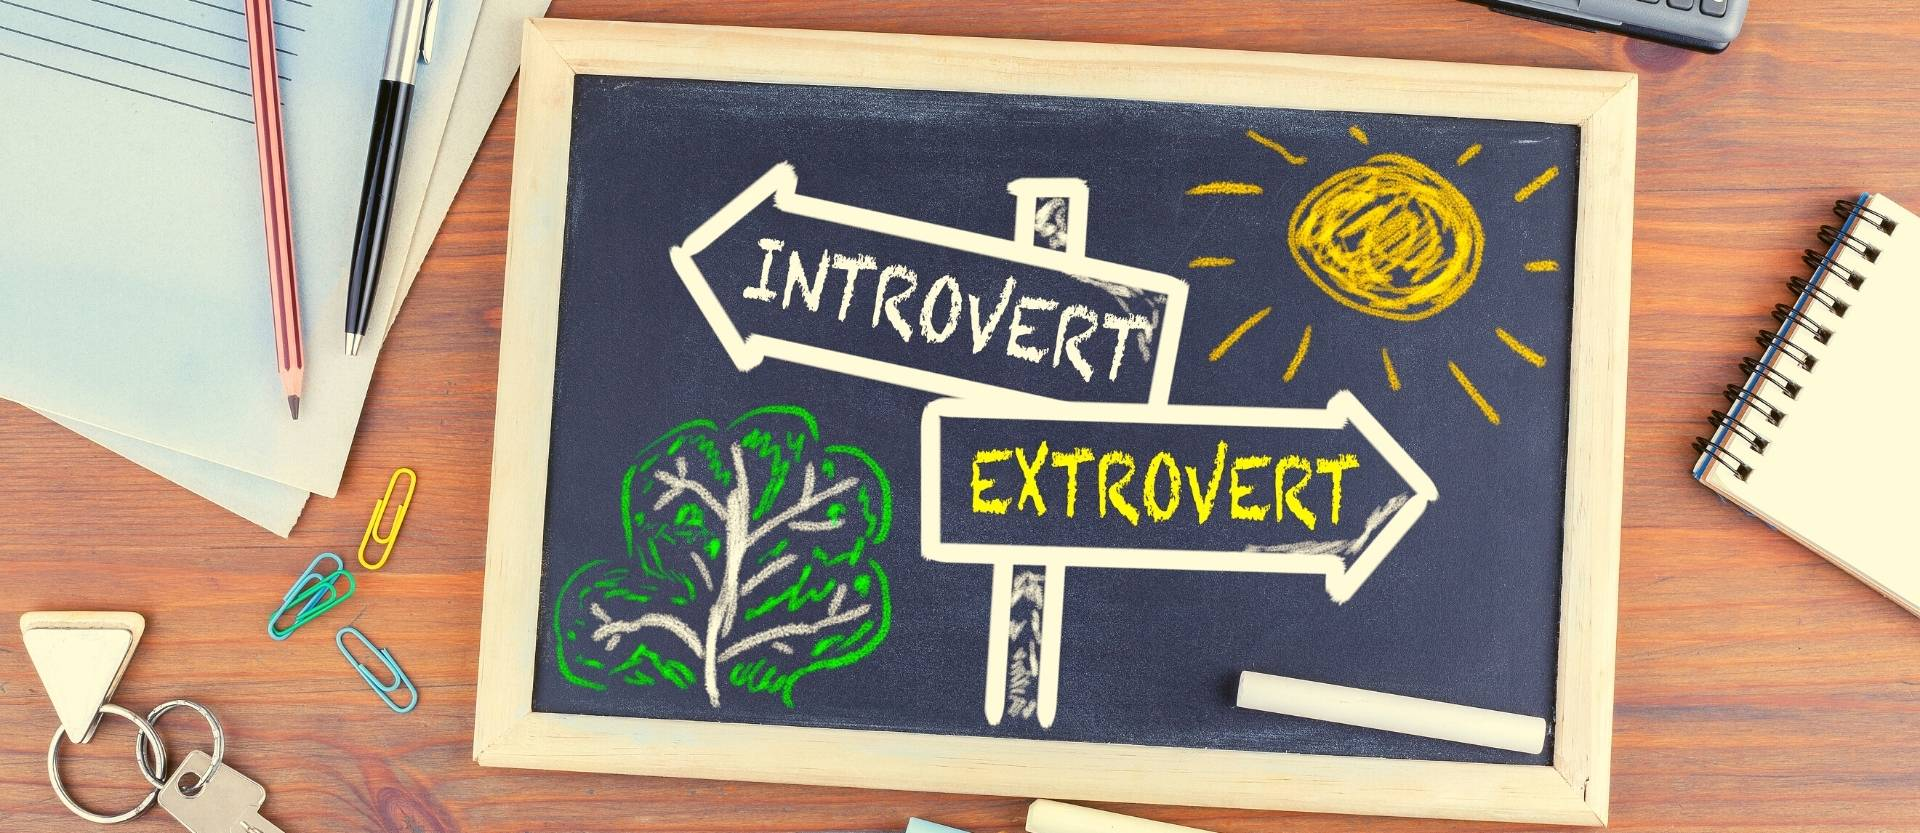 Ako motivovať introverta a extroverta?